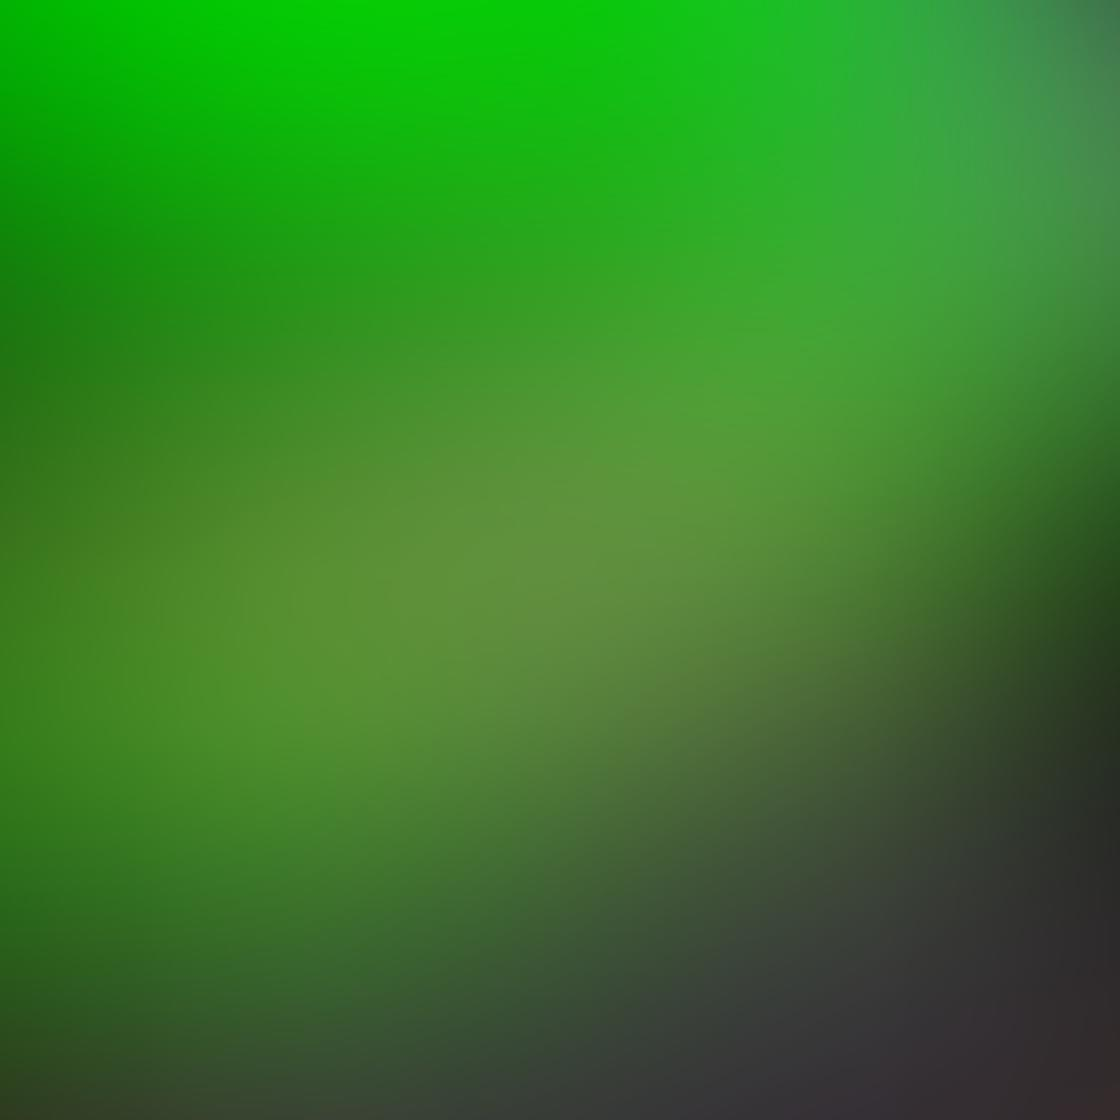 green_iphone_photos-24